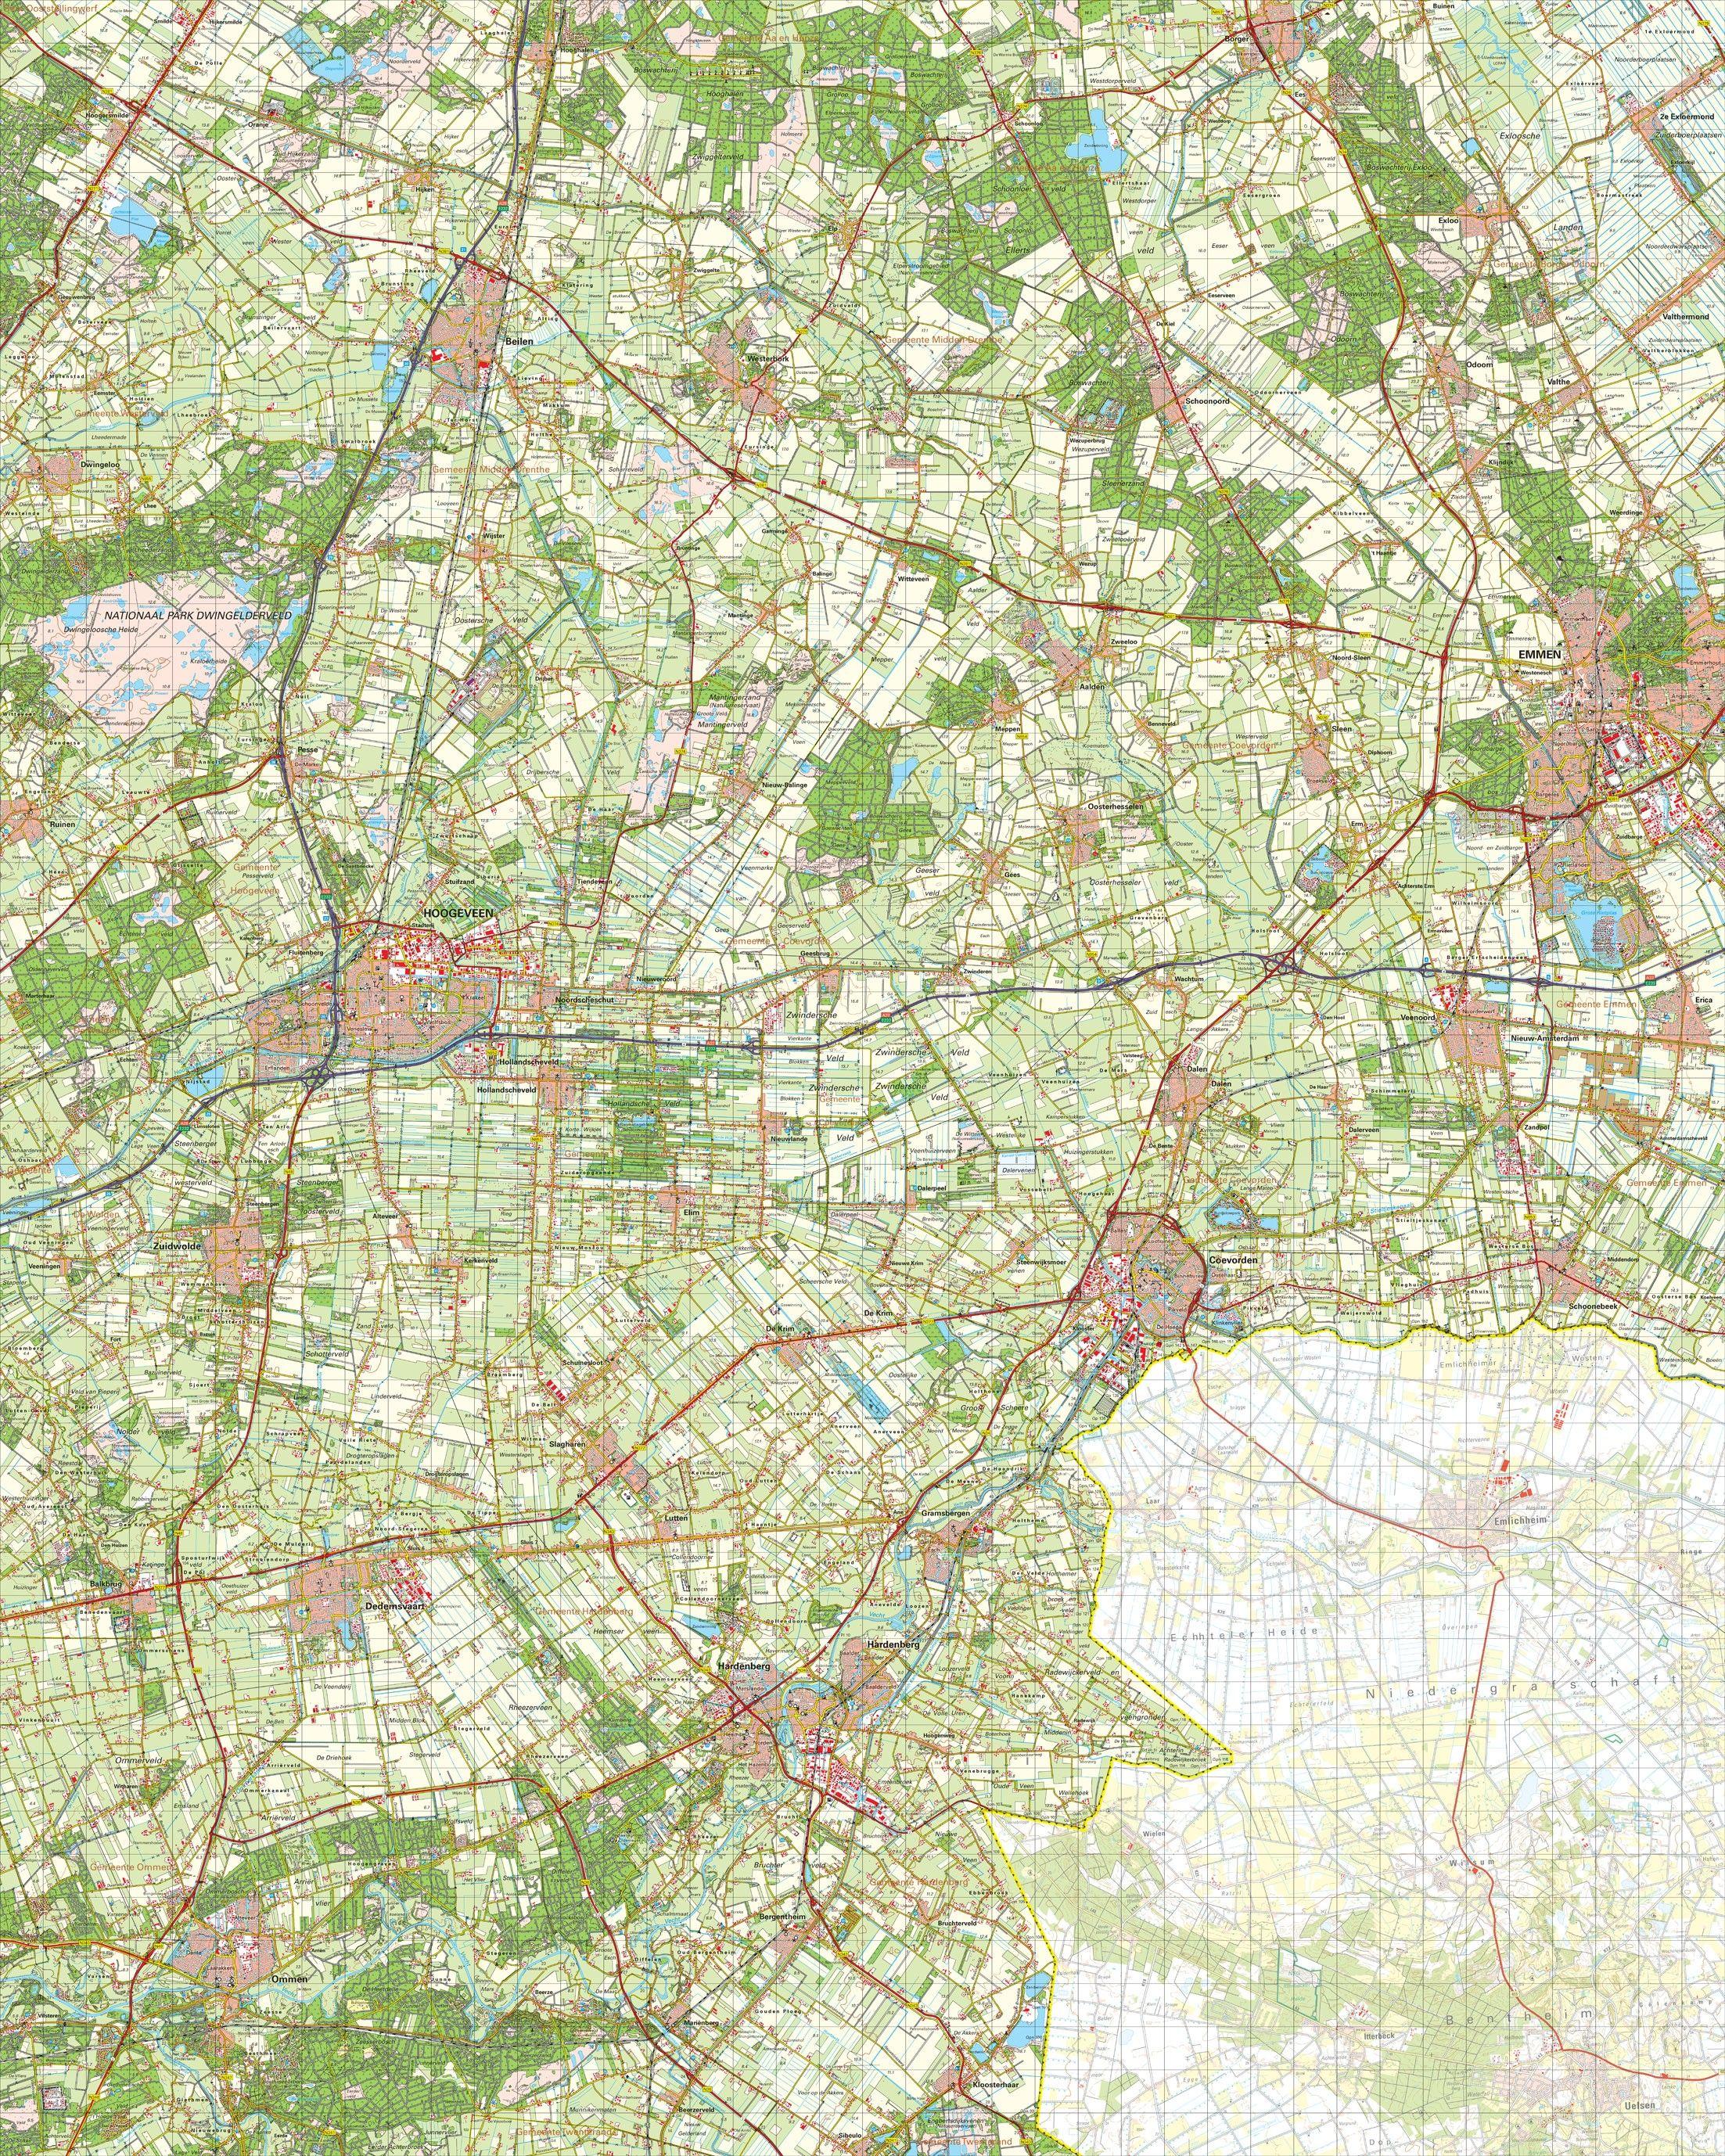 Topografische kaart schaal 1:50.000 (Hoogeveen,Emmen,Coevorden,Ommen)